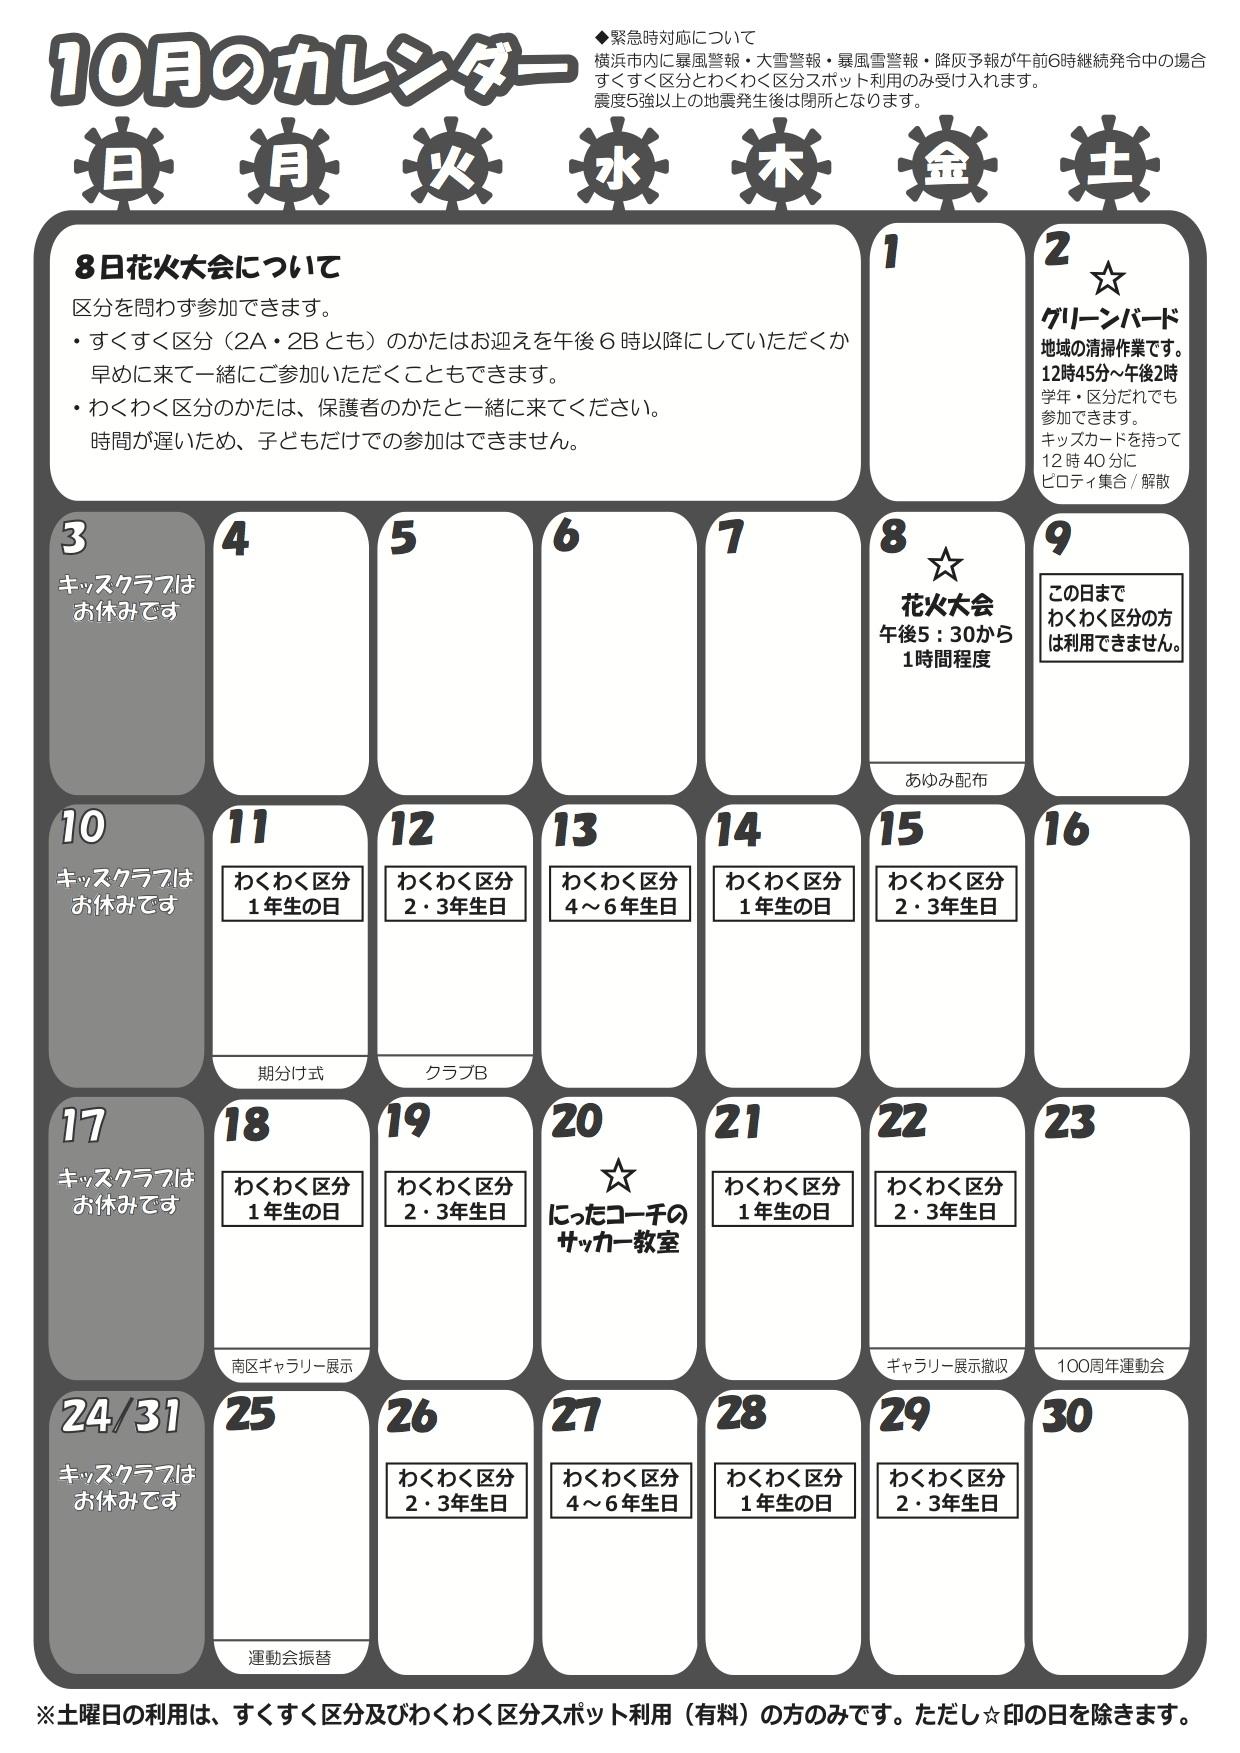 10月のカレンダー